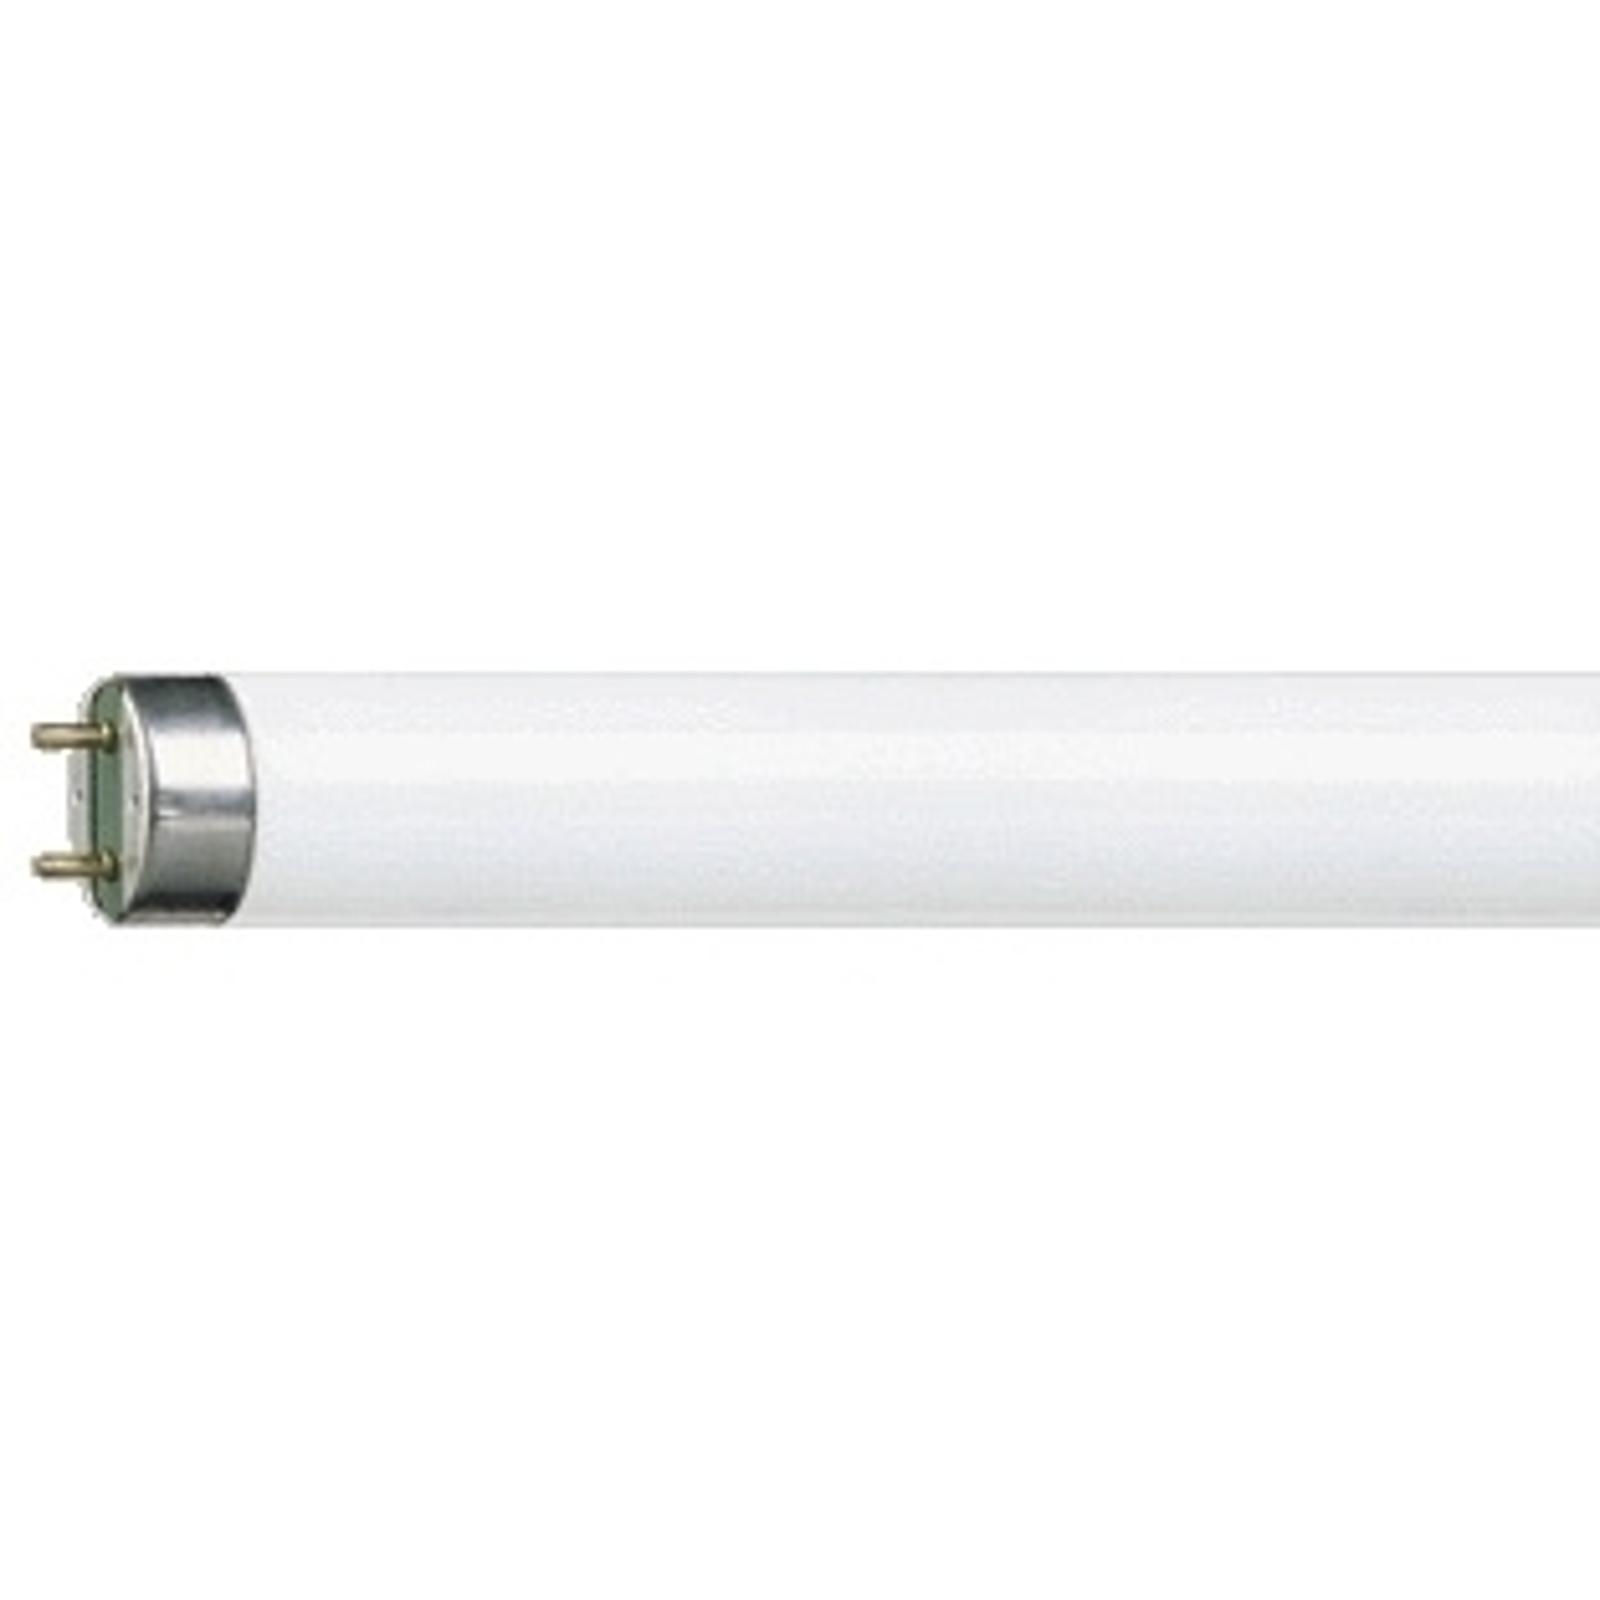 Leuchtstoffröhre G13 T8 15W MASTER TL-D Super 840